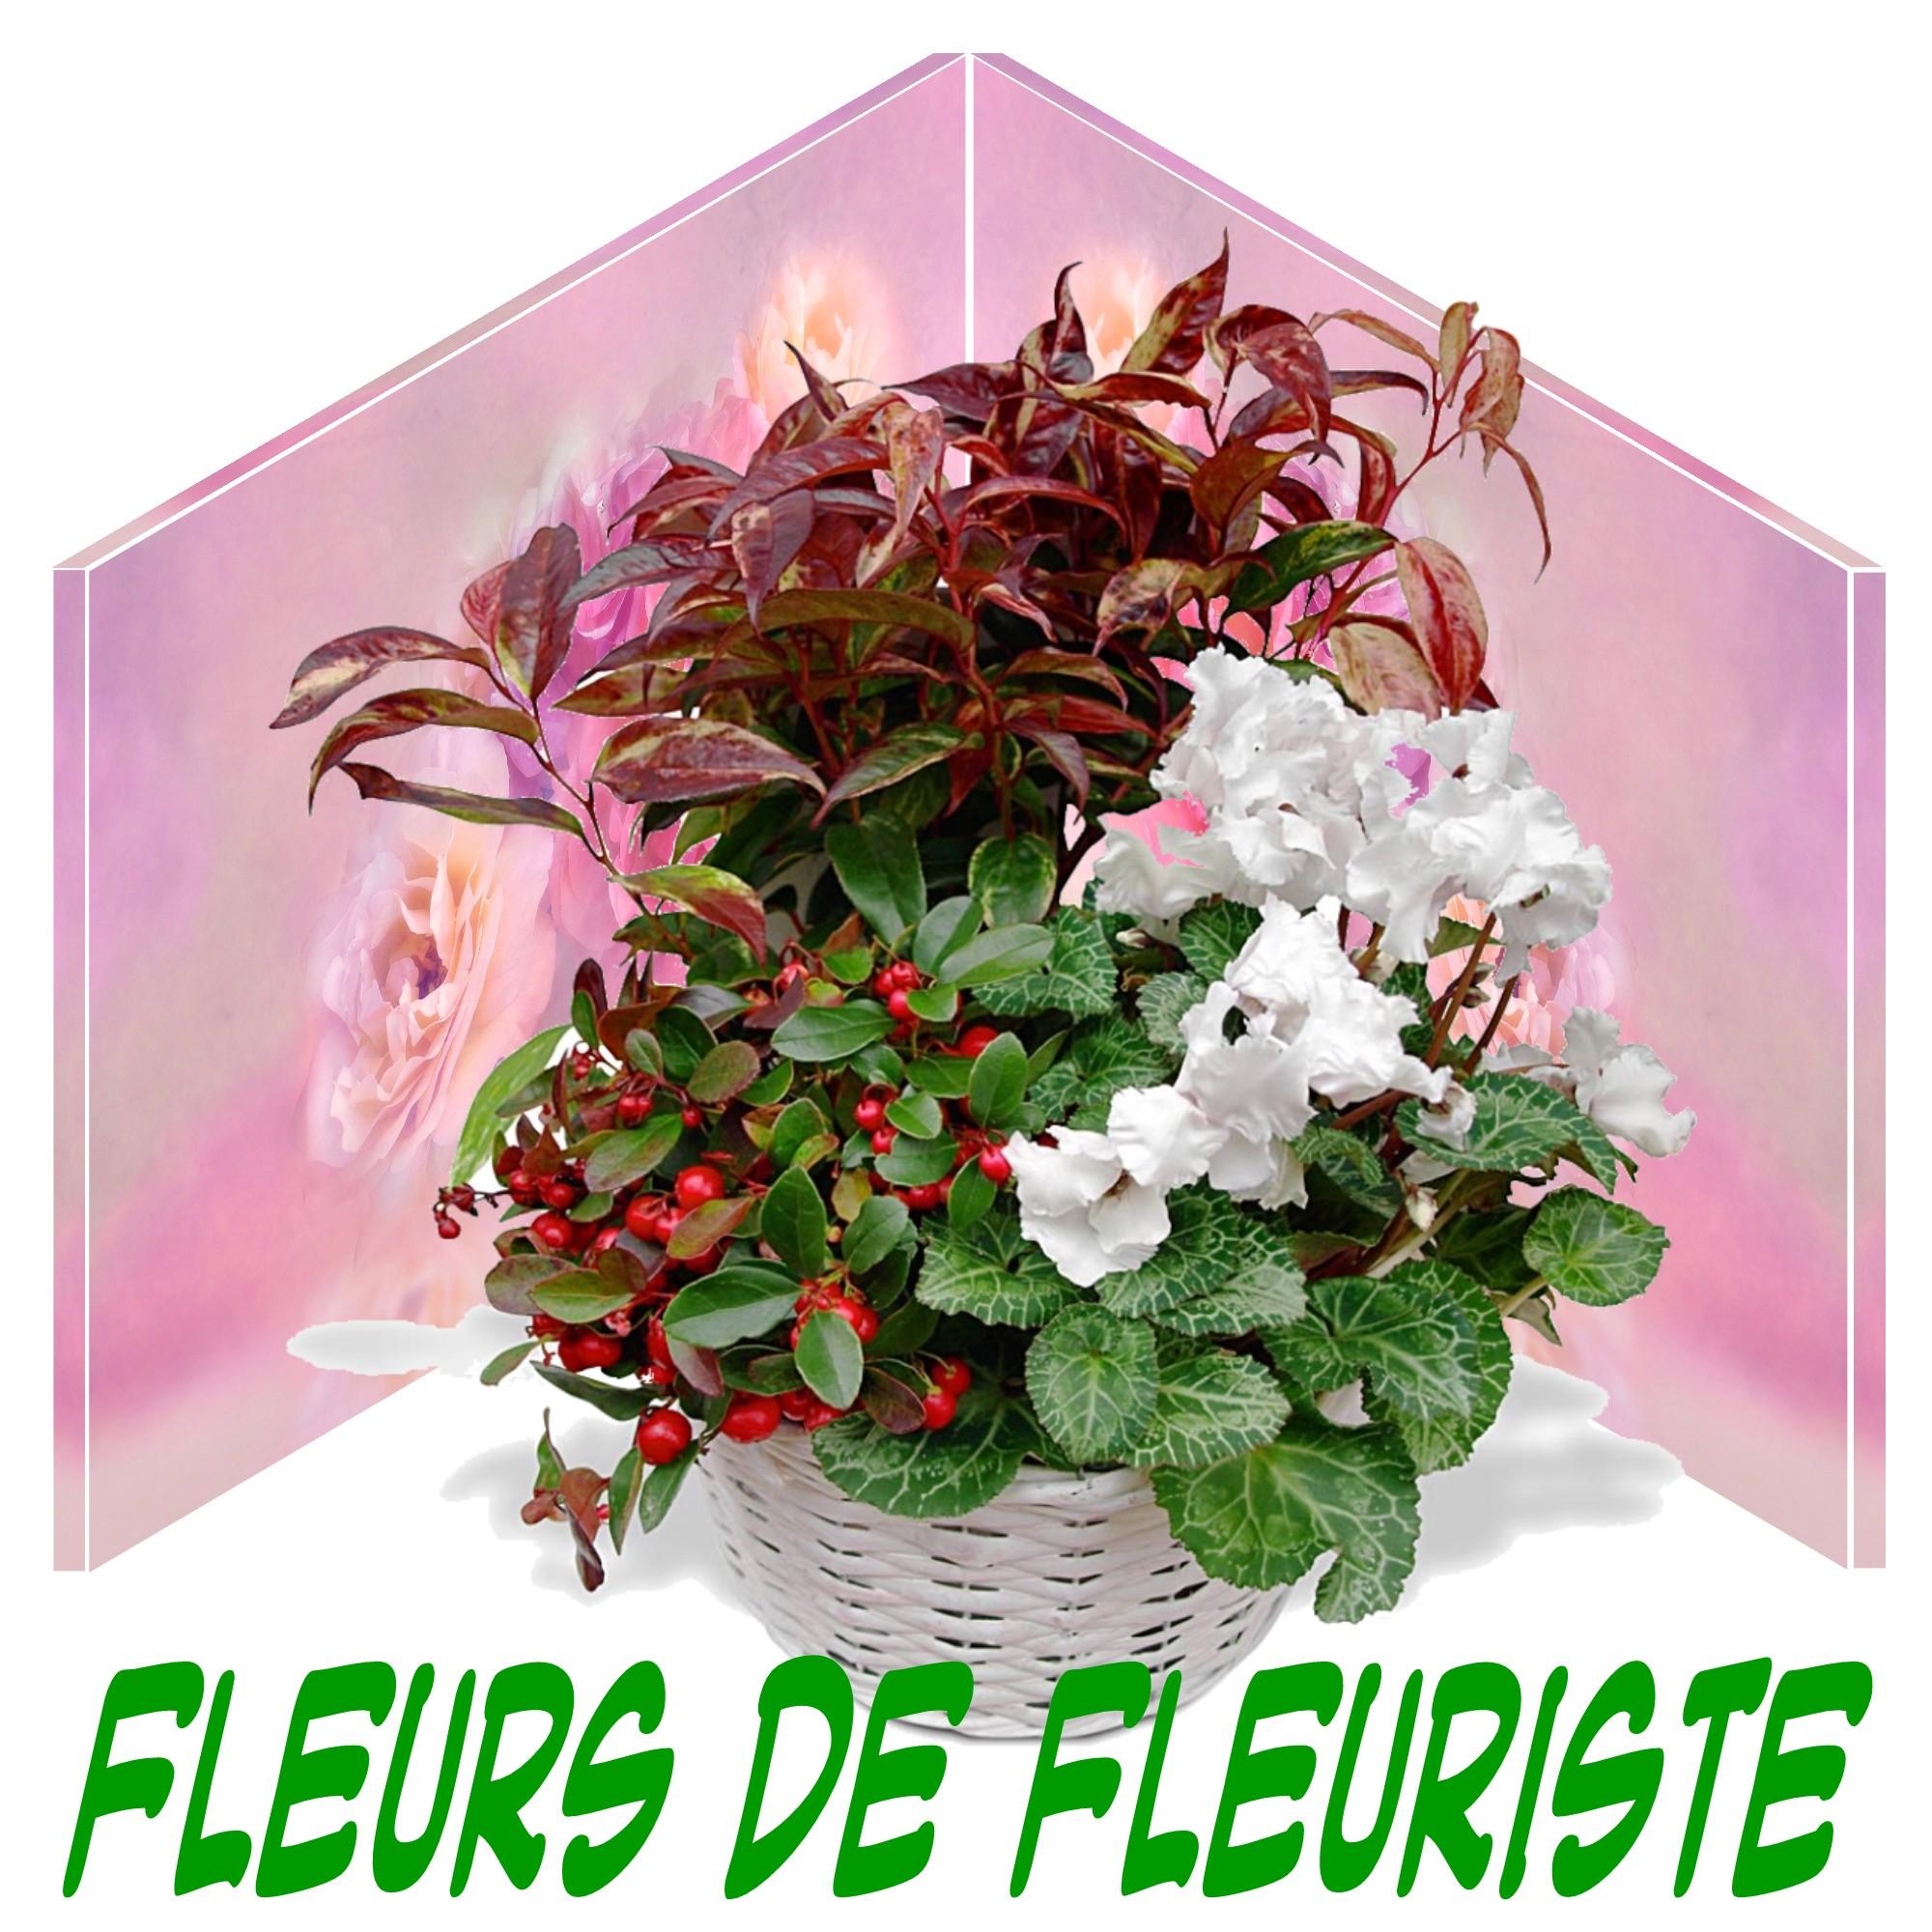 LIVRER DES FLEURS POUR UN ENTERREMENT A MONTBOUCHER-SUR-JABRON 26